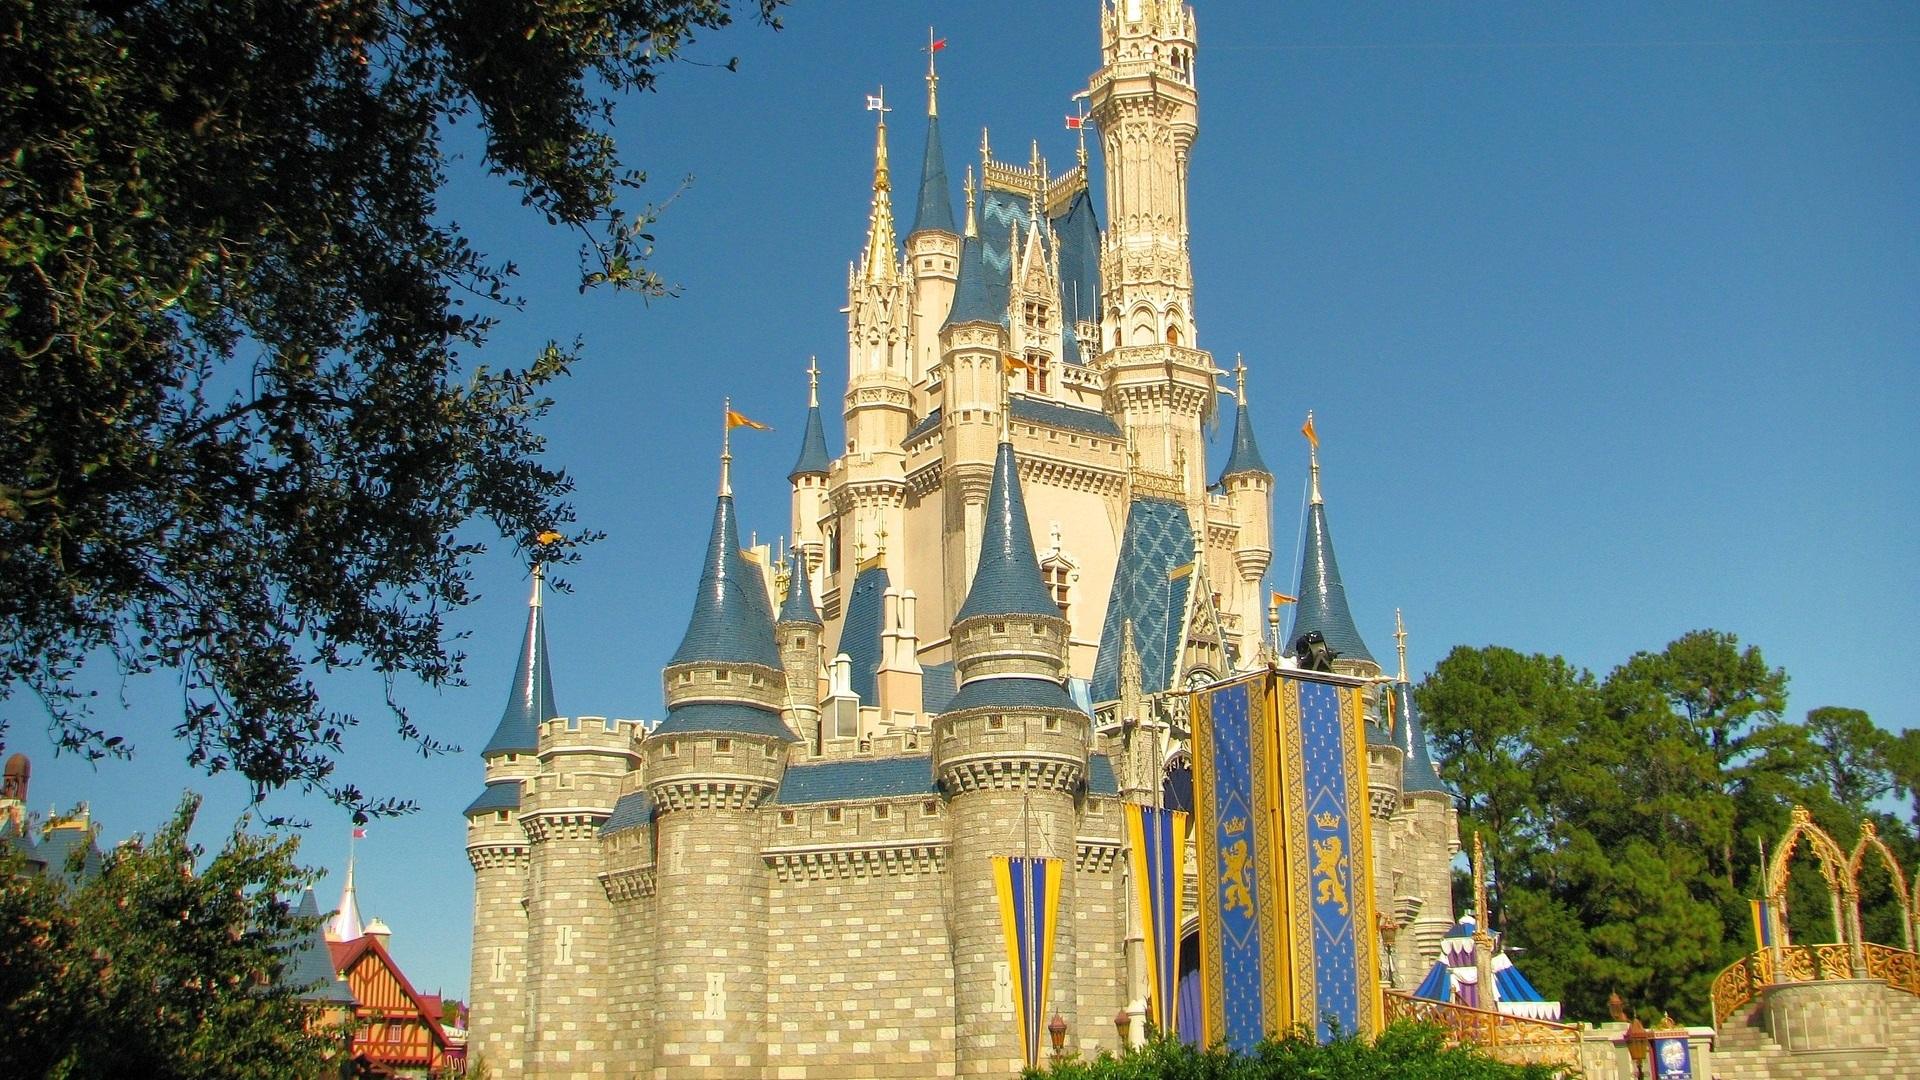 Flera temaparker i närheten - I området finns många härliga nöjesparker såsom Disney World, Universal Studios, Sea World, Aquatica, Legoland, Gatorland och många fler. En utflykt till någon av parkerna lär definitivt göra barnen glada. Magic Kingdom på bilden ligger endast tio minuter bort.